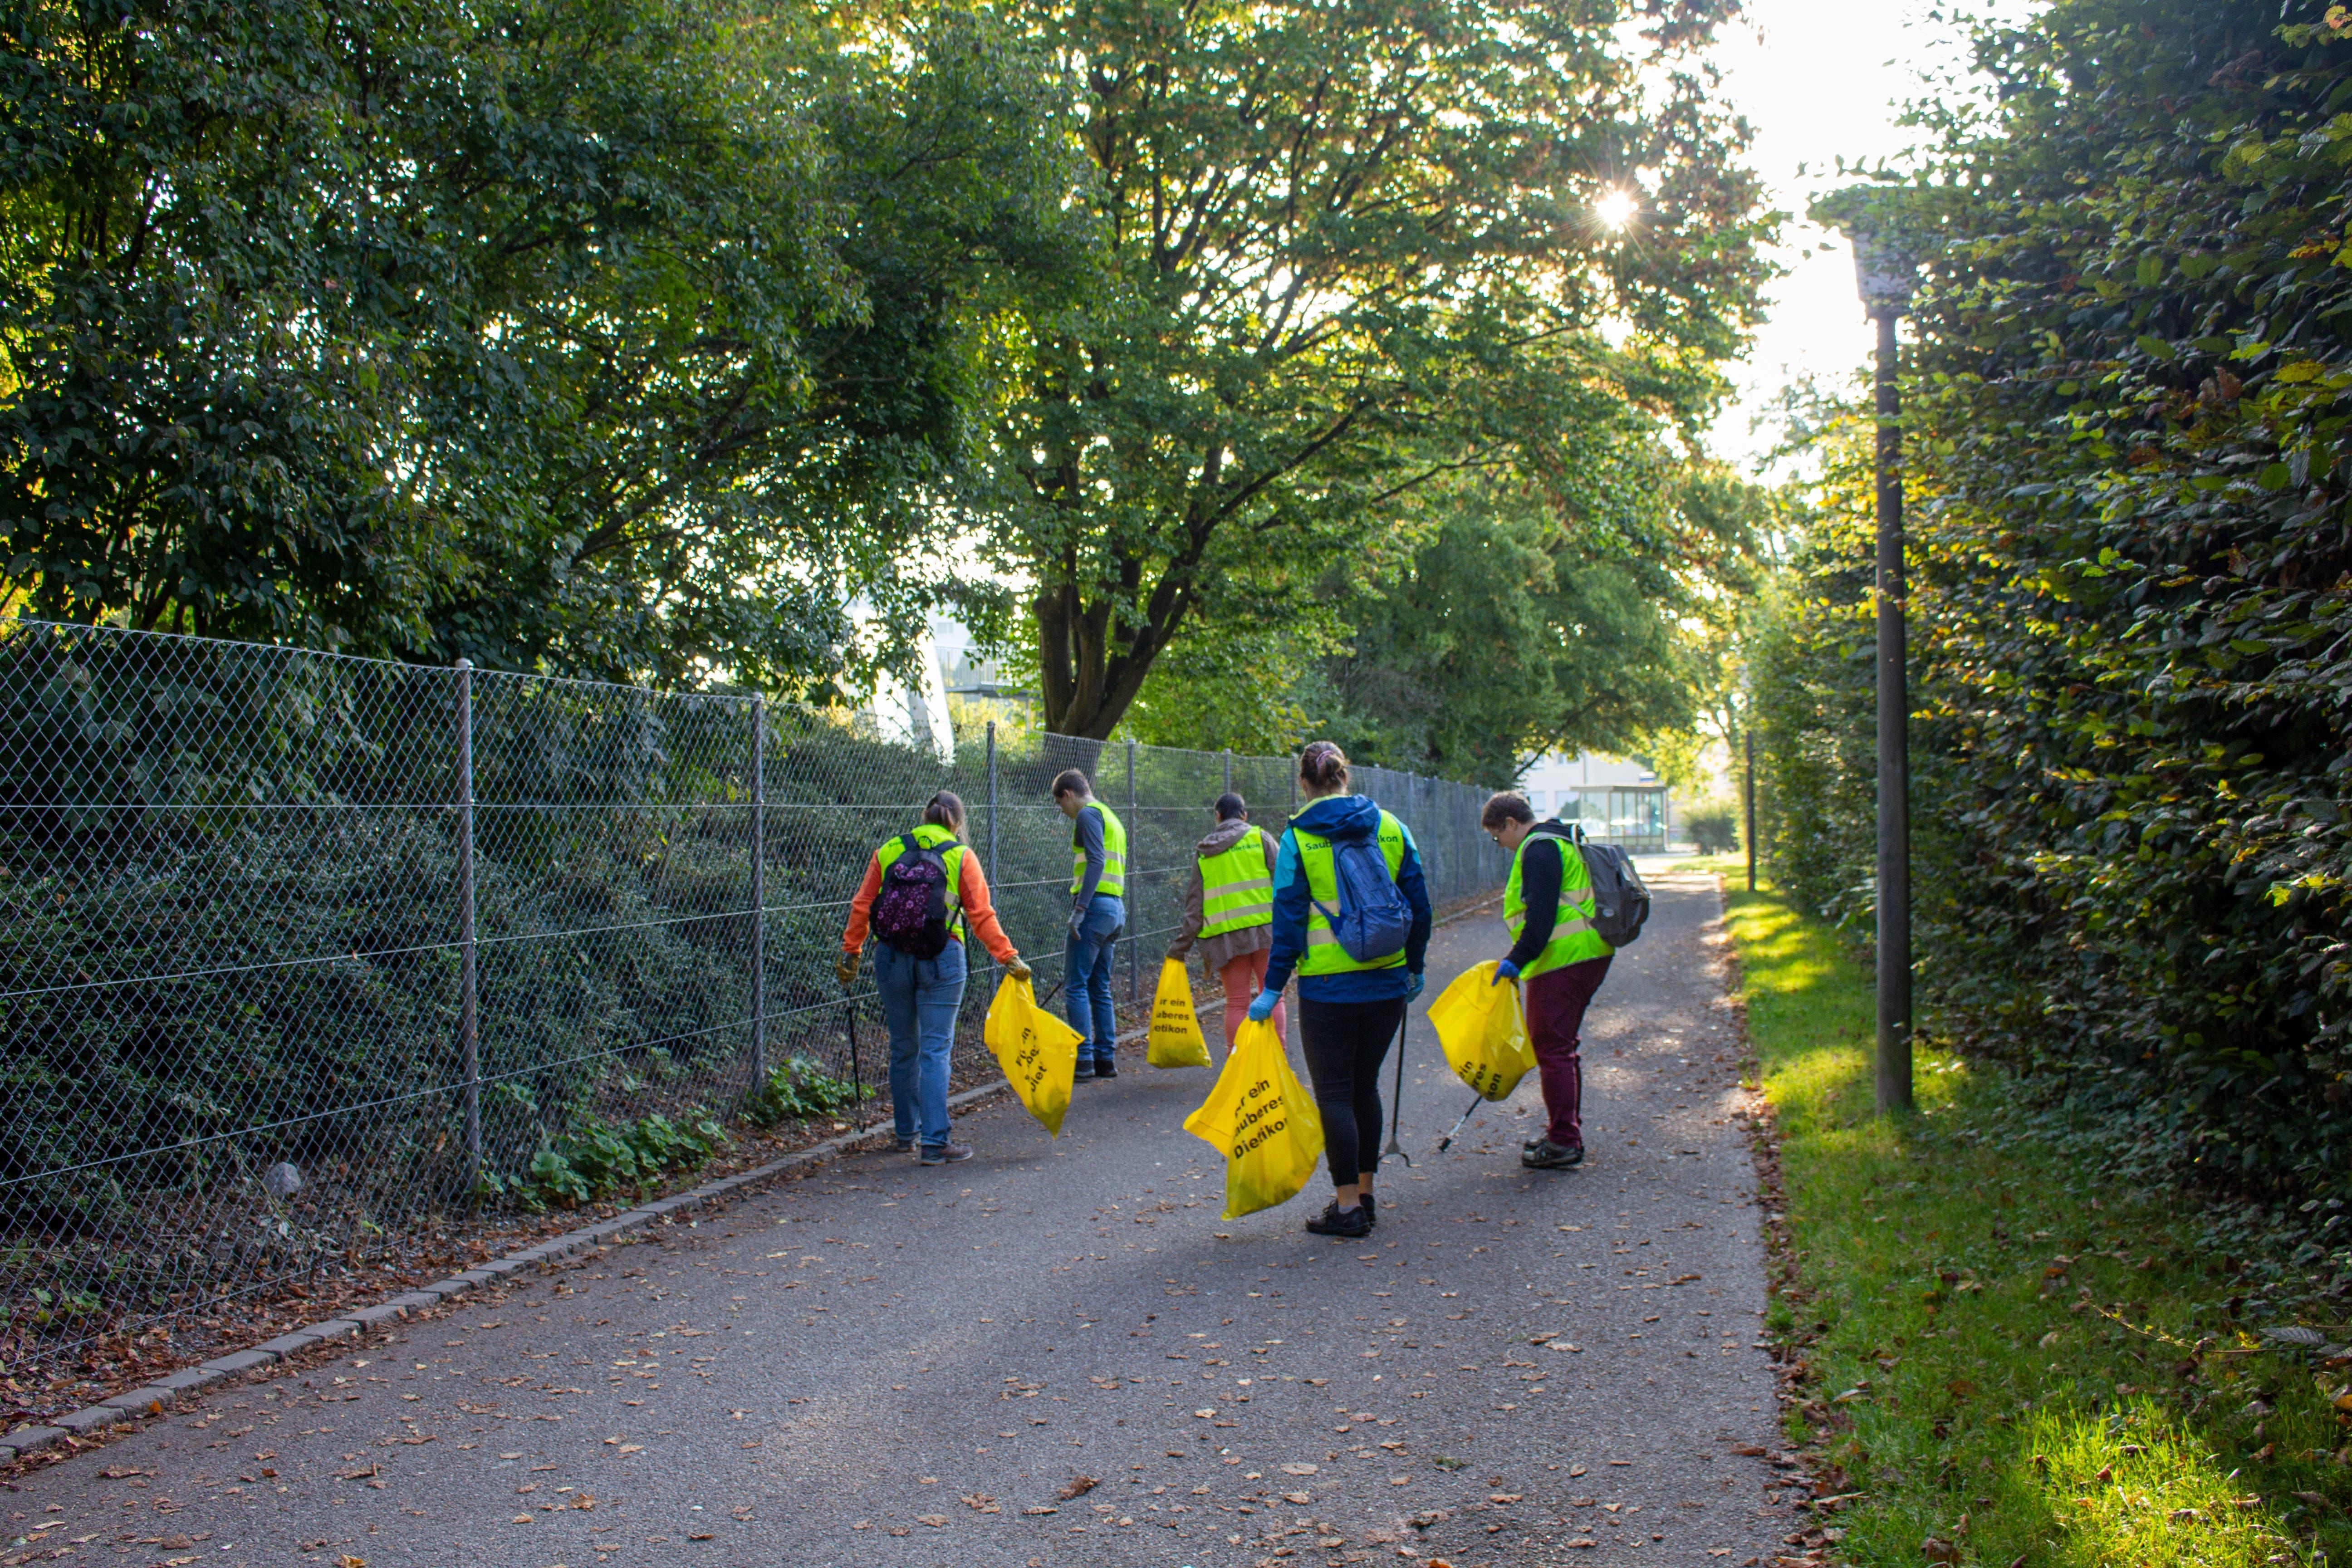 Am neunten Clean-Up-Day engagierten sich auch die Vereine, Parteien und weitere Organisationen der Stadt Dietikon. Die Gruppe der EVP und des Vereins Fit und Spass zogen von der Stadthalle her los.